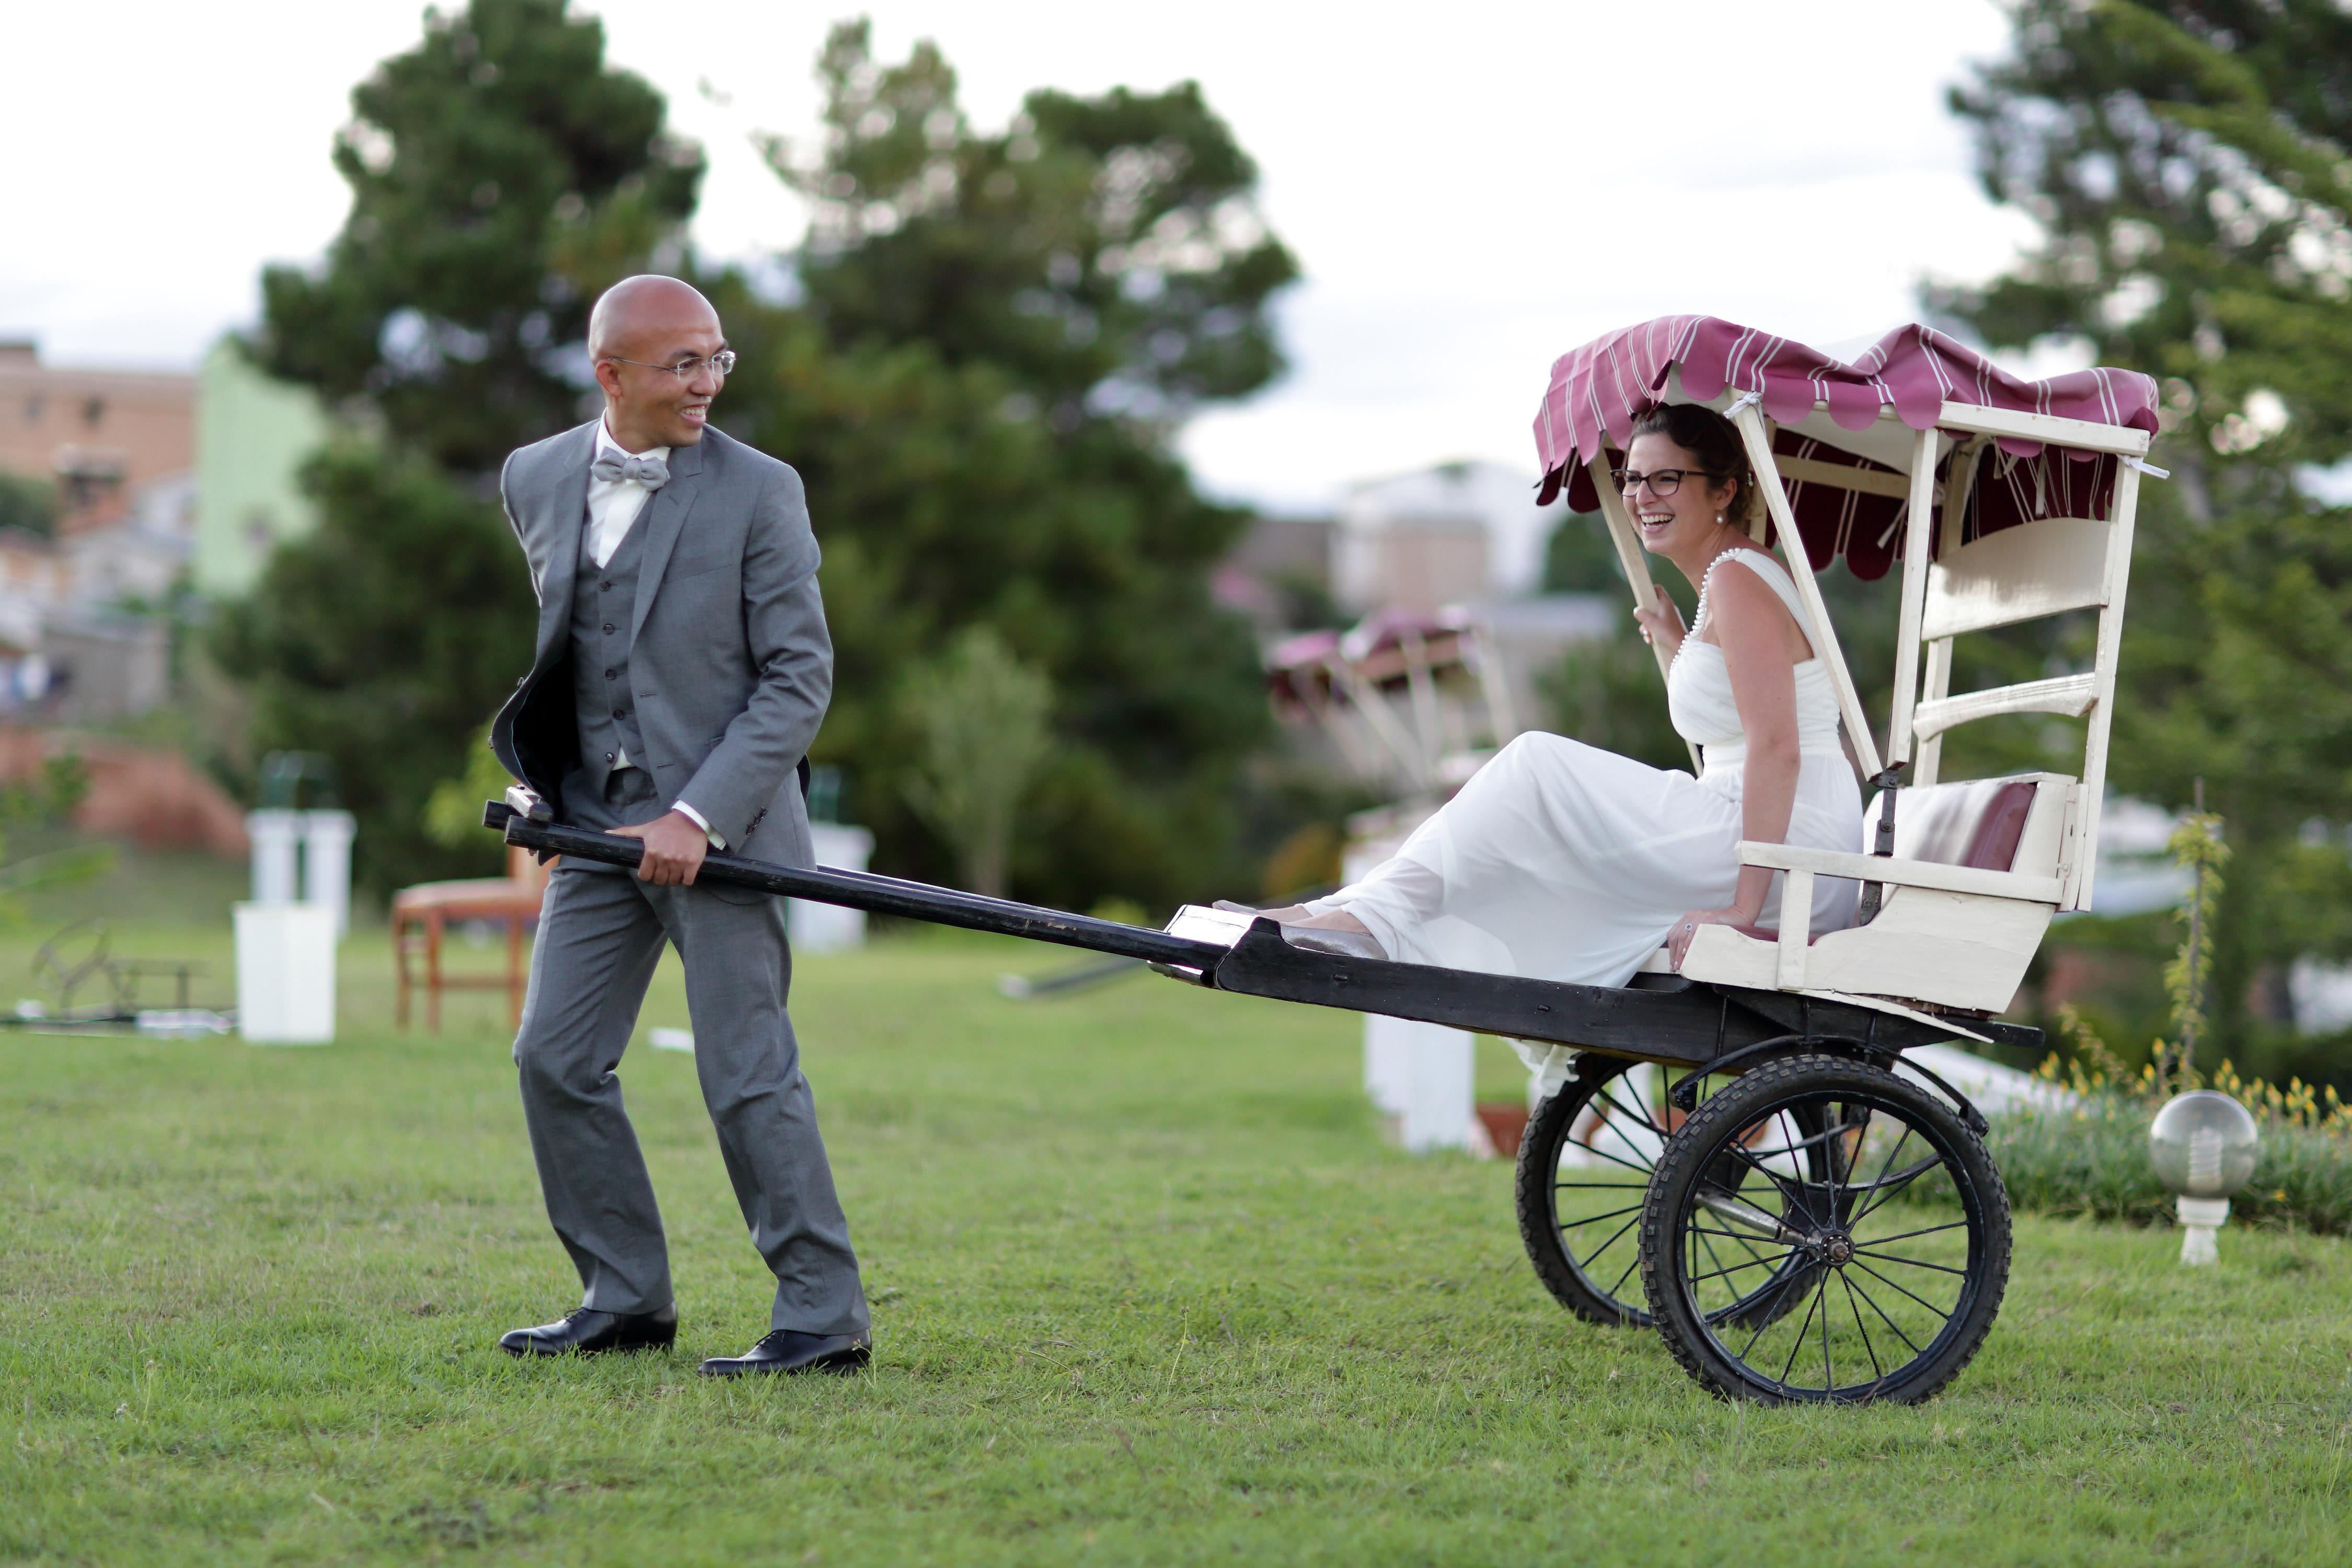 Mon mariage traditionnel malgache : notre séance photo